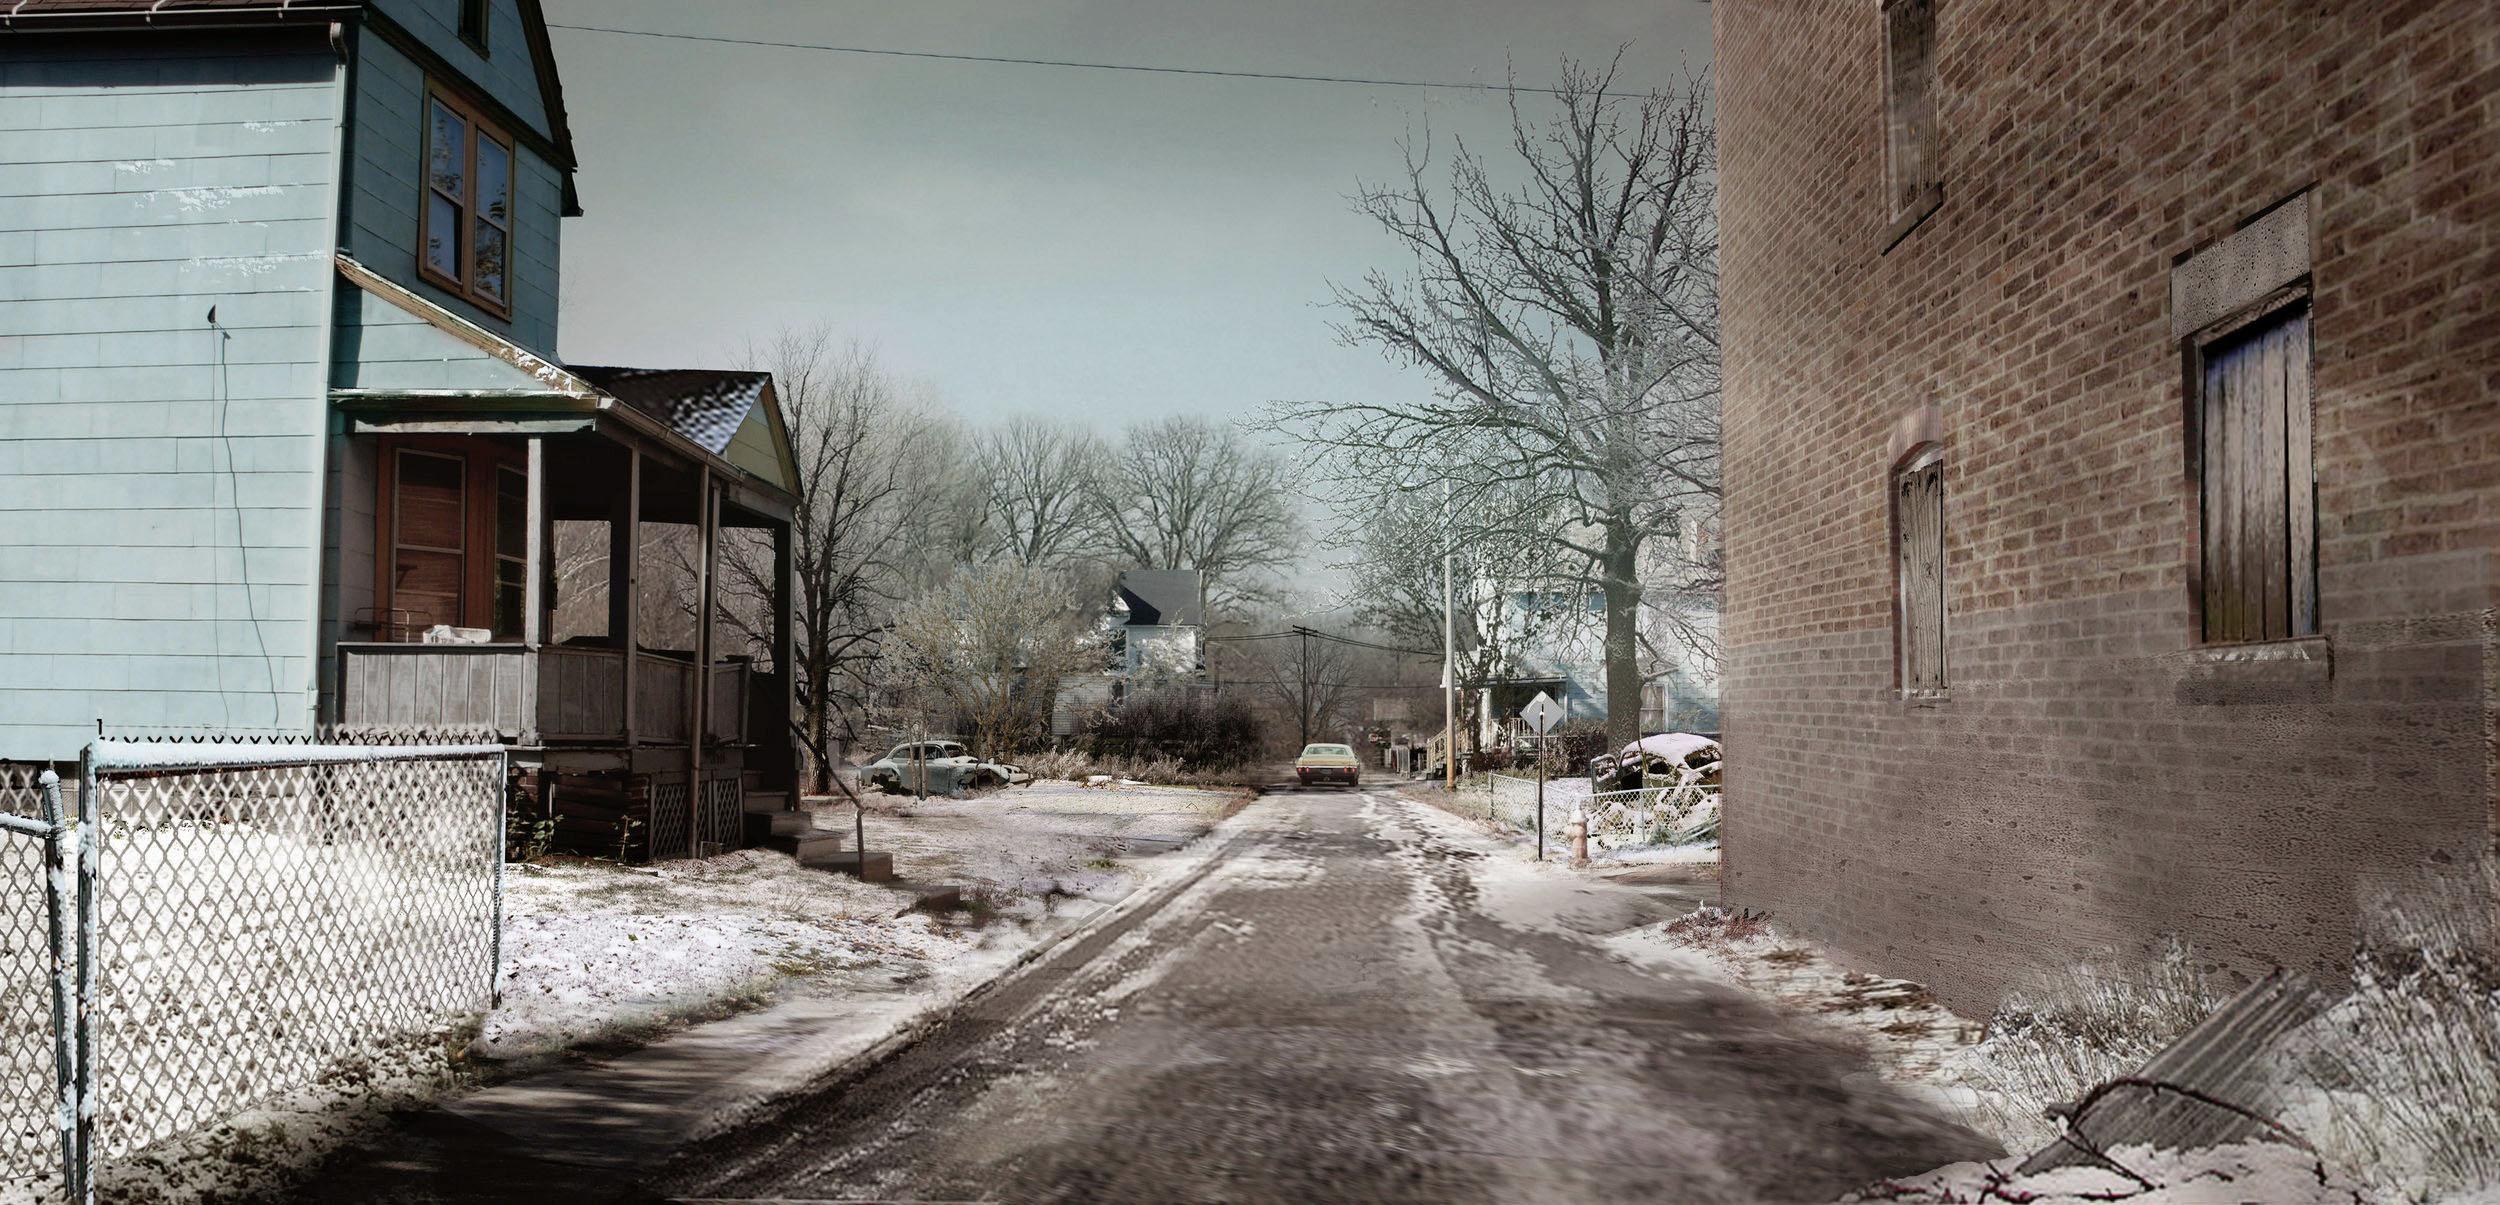 08ClevelandHouse-1-1.jpg